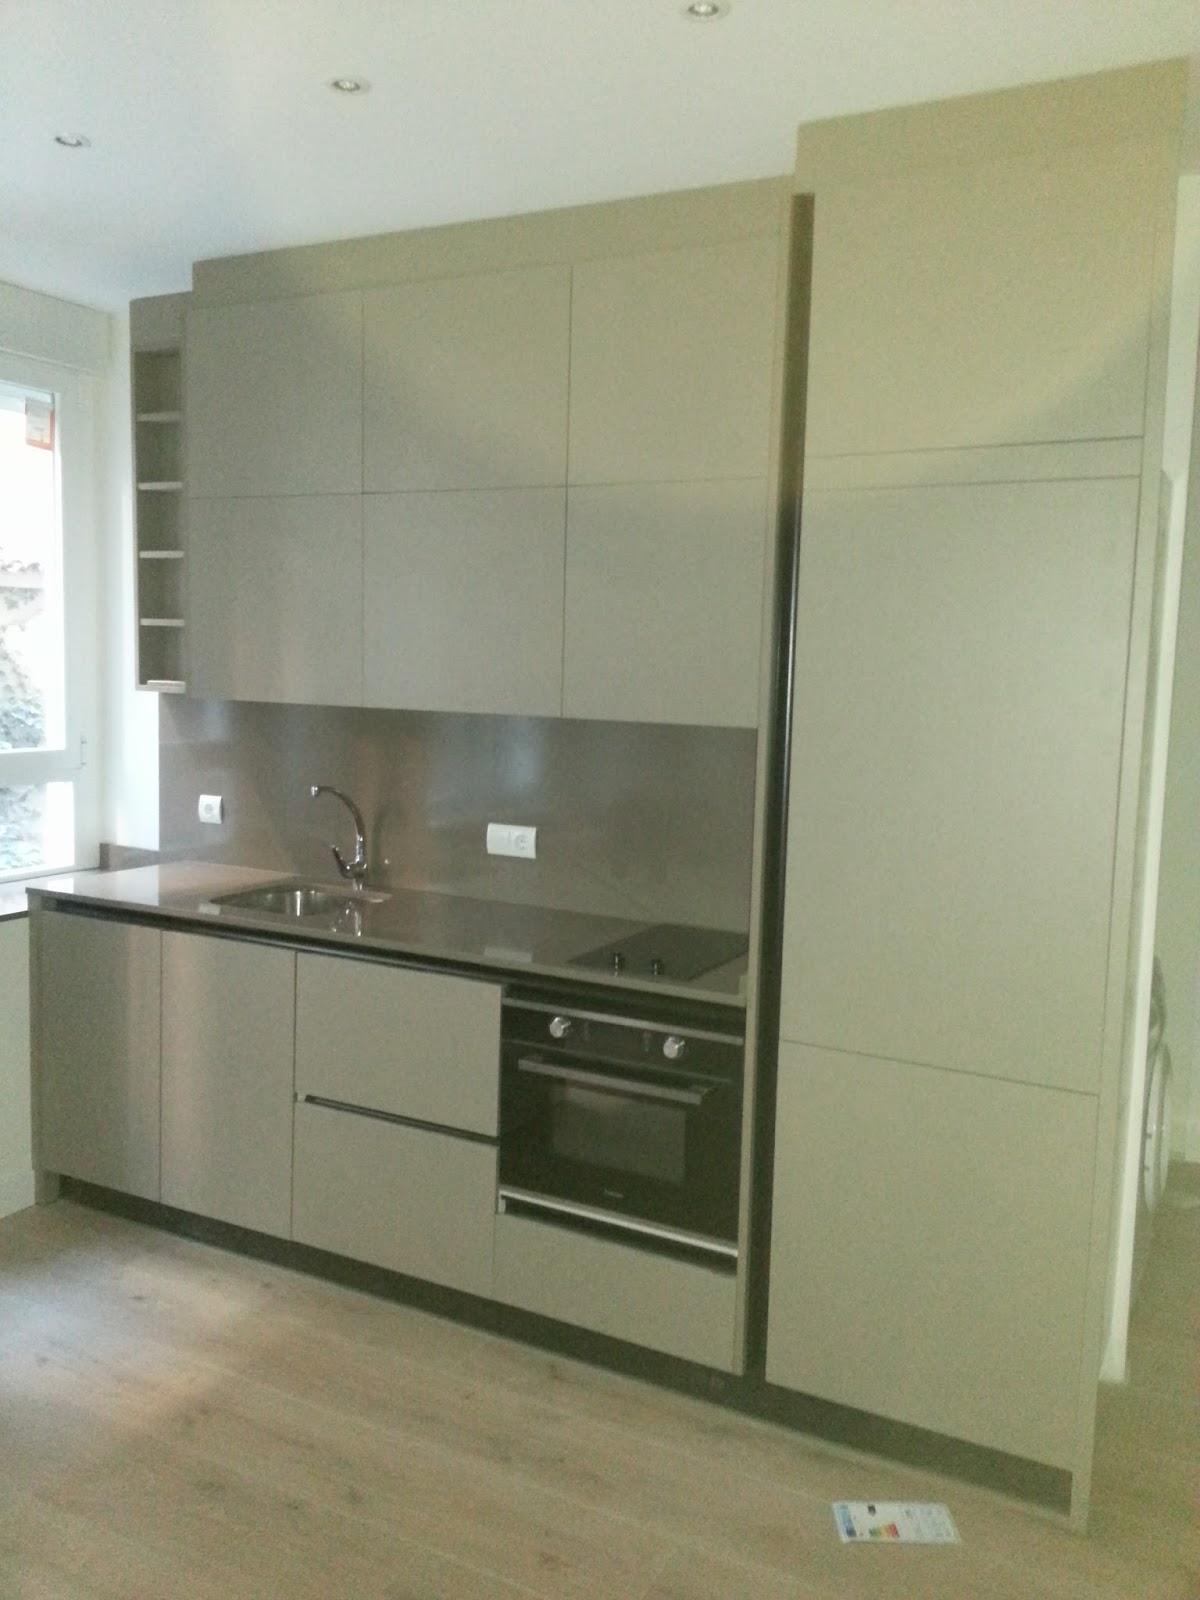 PLATHOO   Diseño de cocinas y baños 3D  : Muebles de cocina para ...